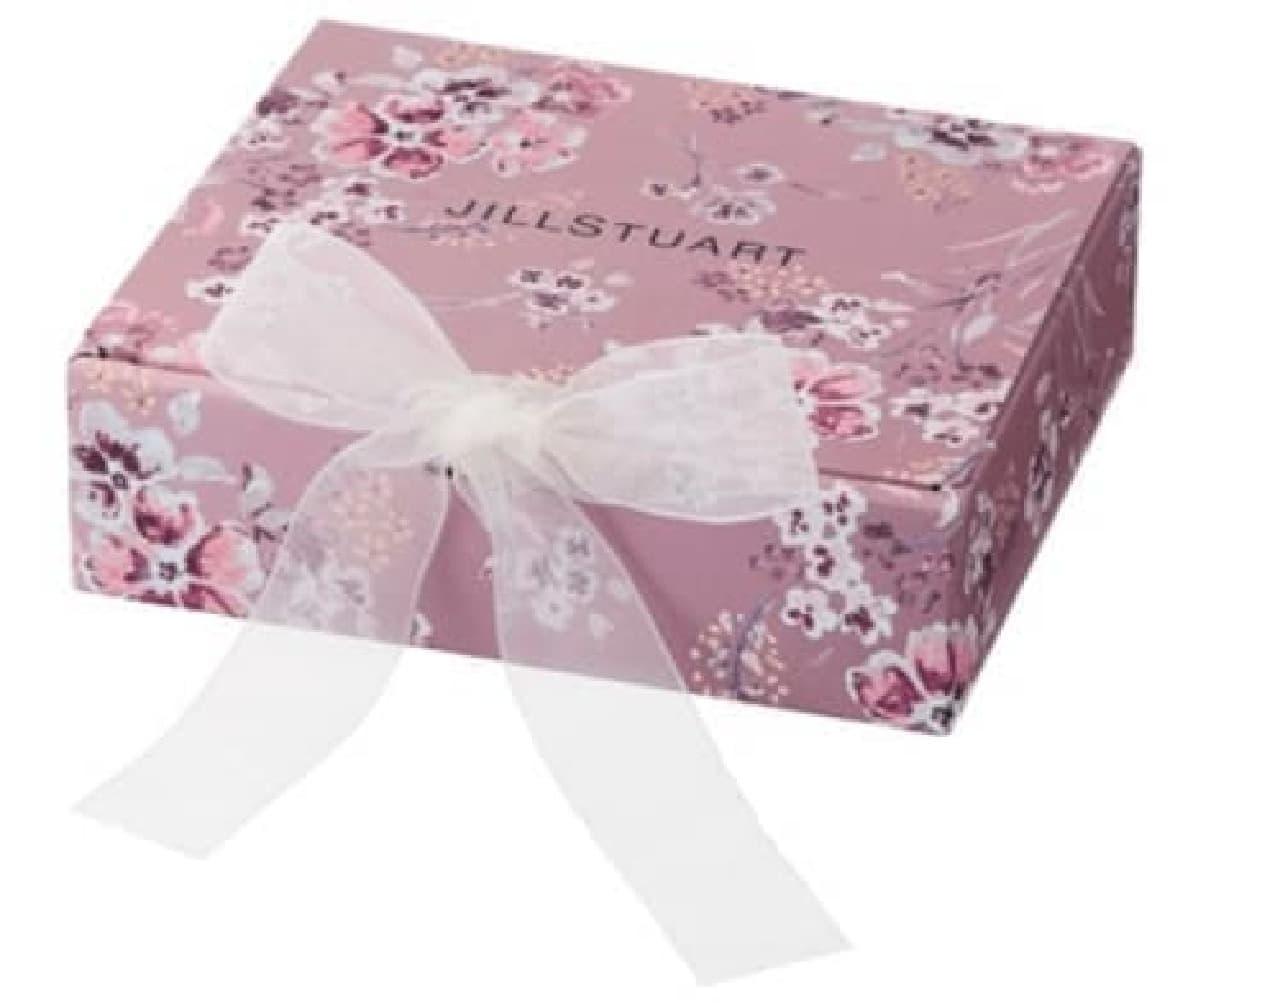 ジルスチュアート プレゼントボックス